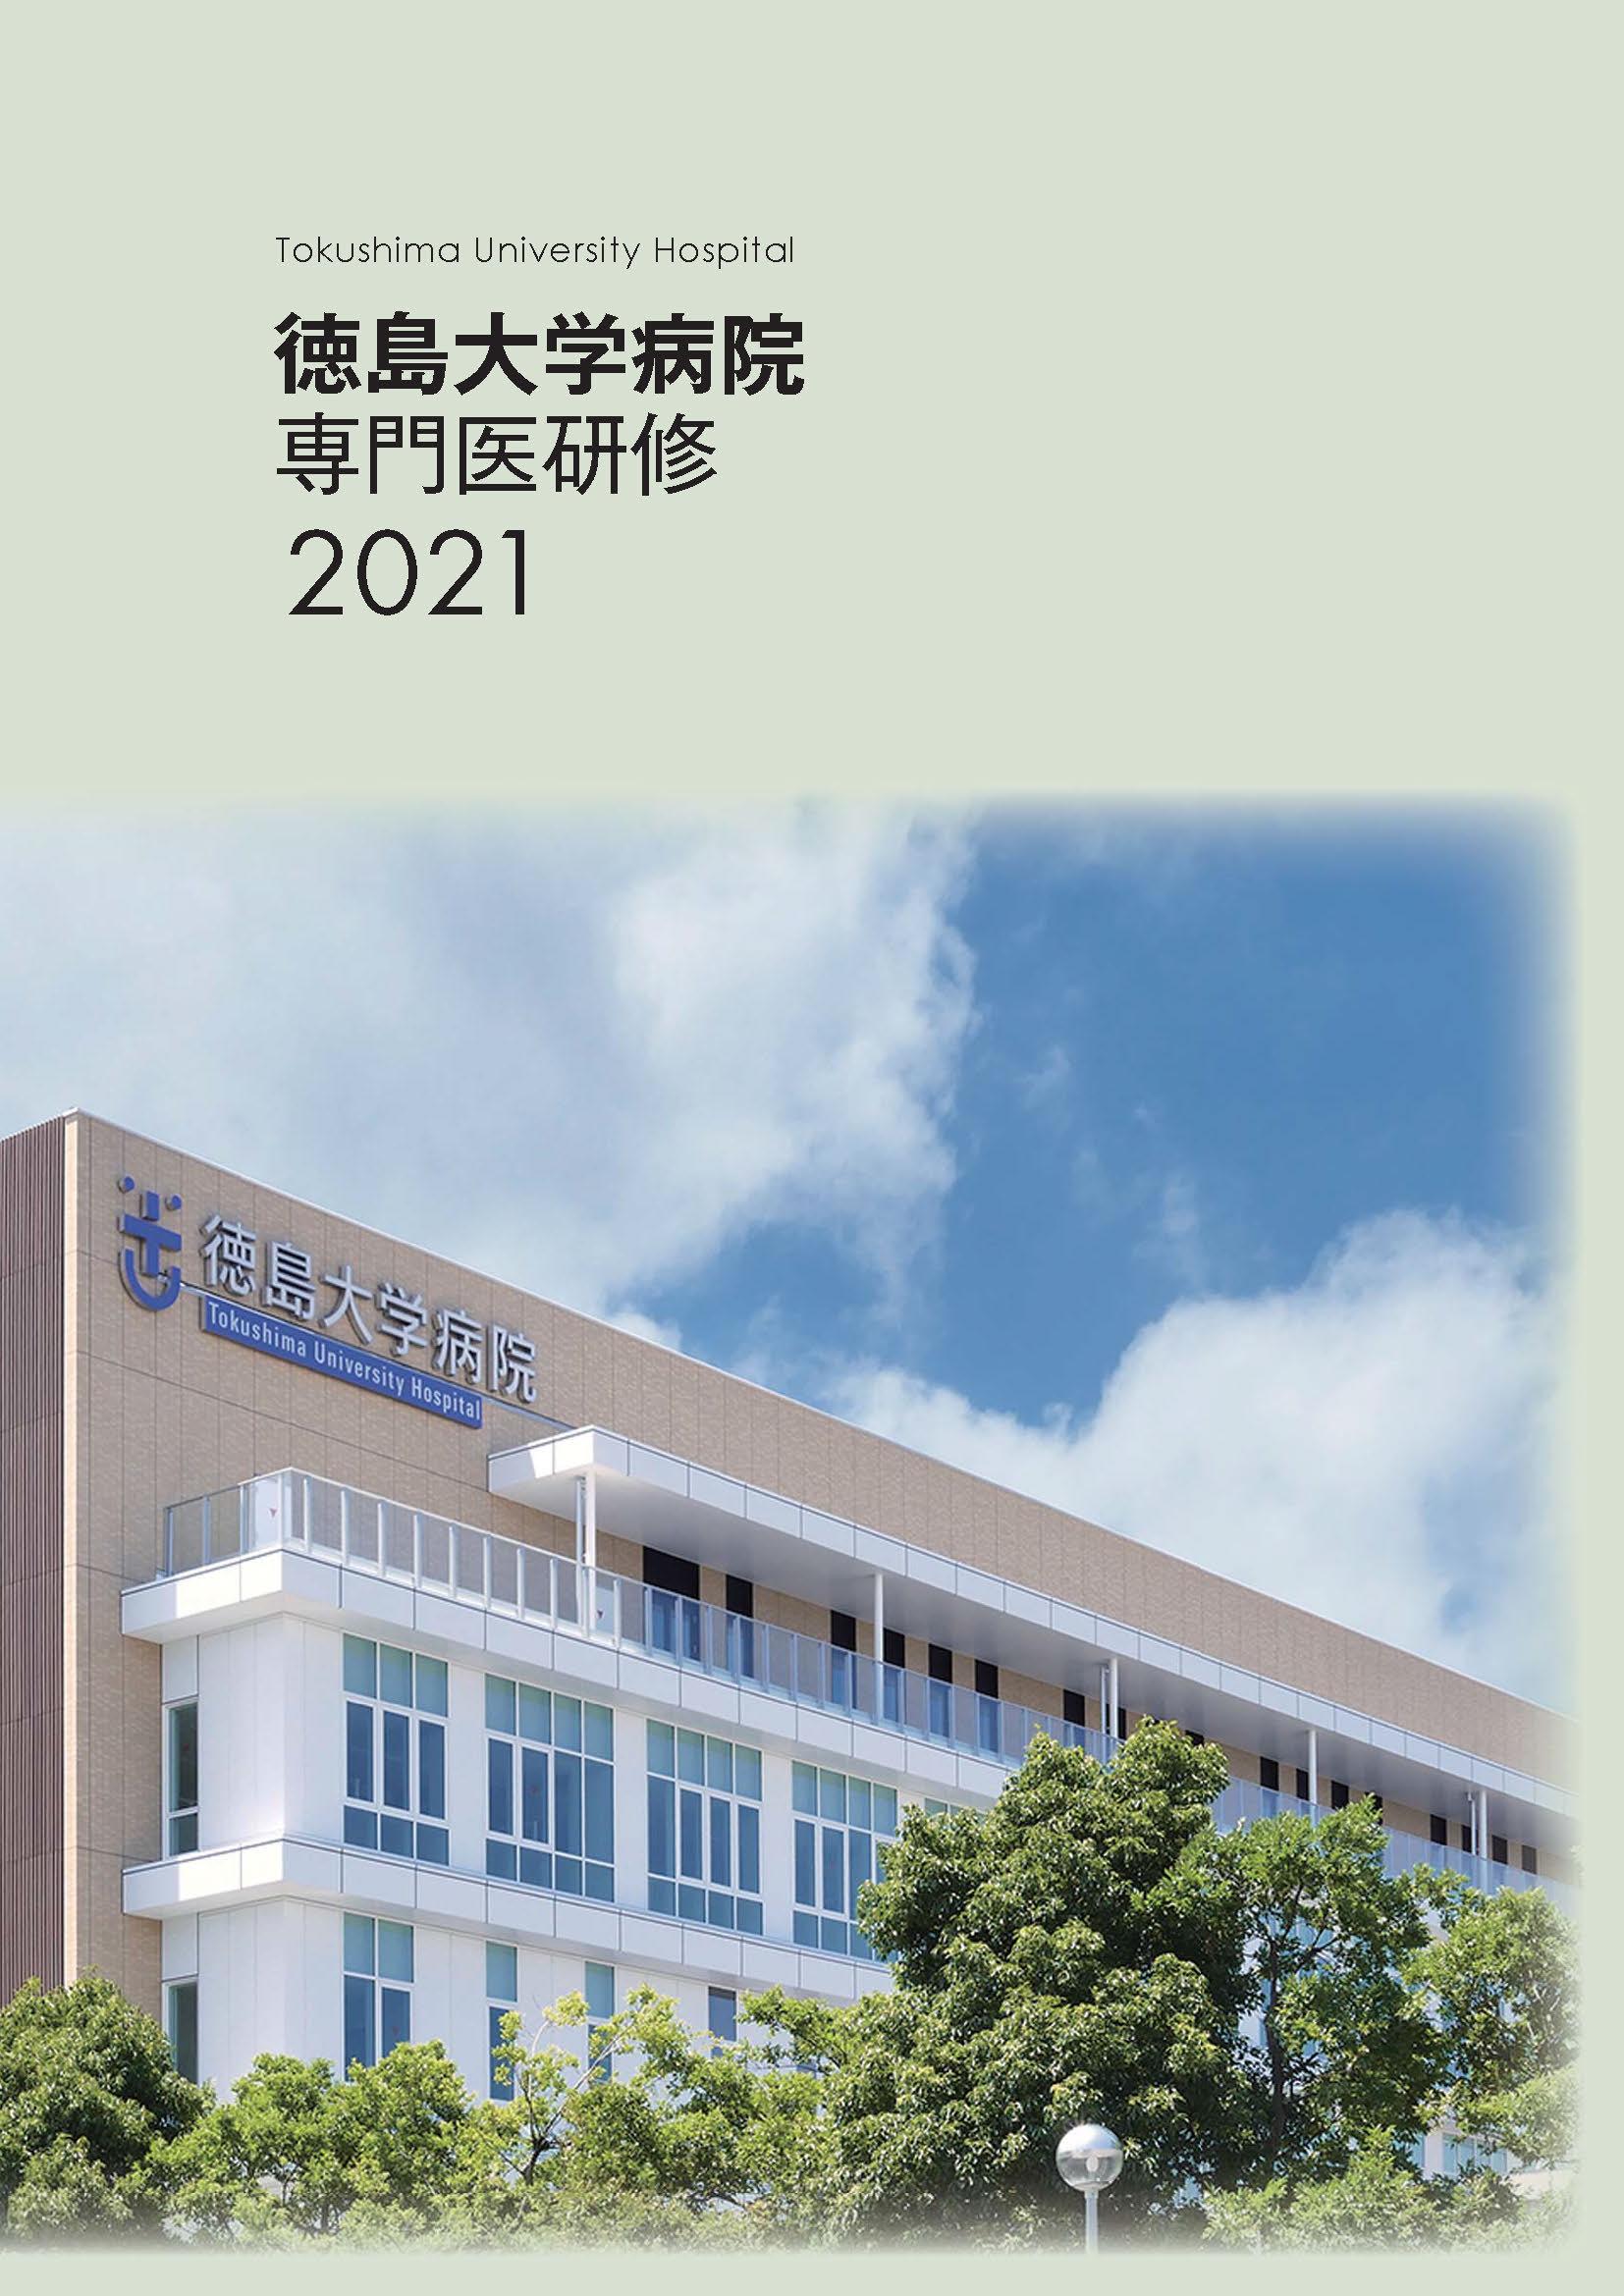 徳島大学病院専門医研修についてはこちら